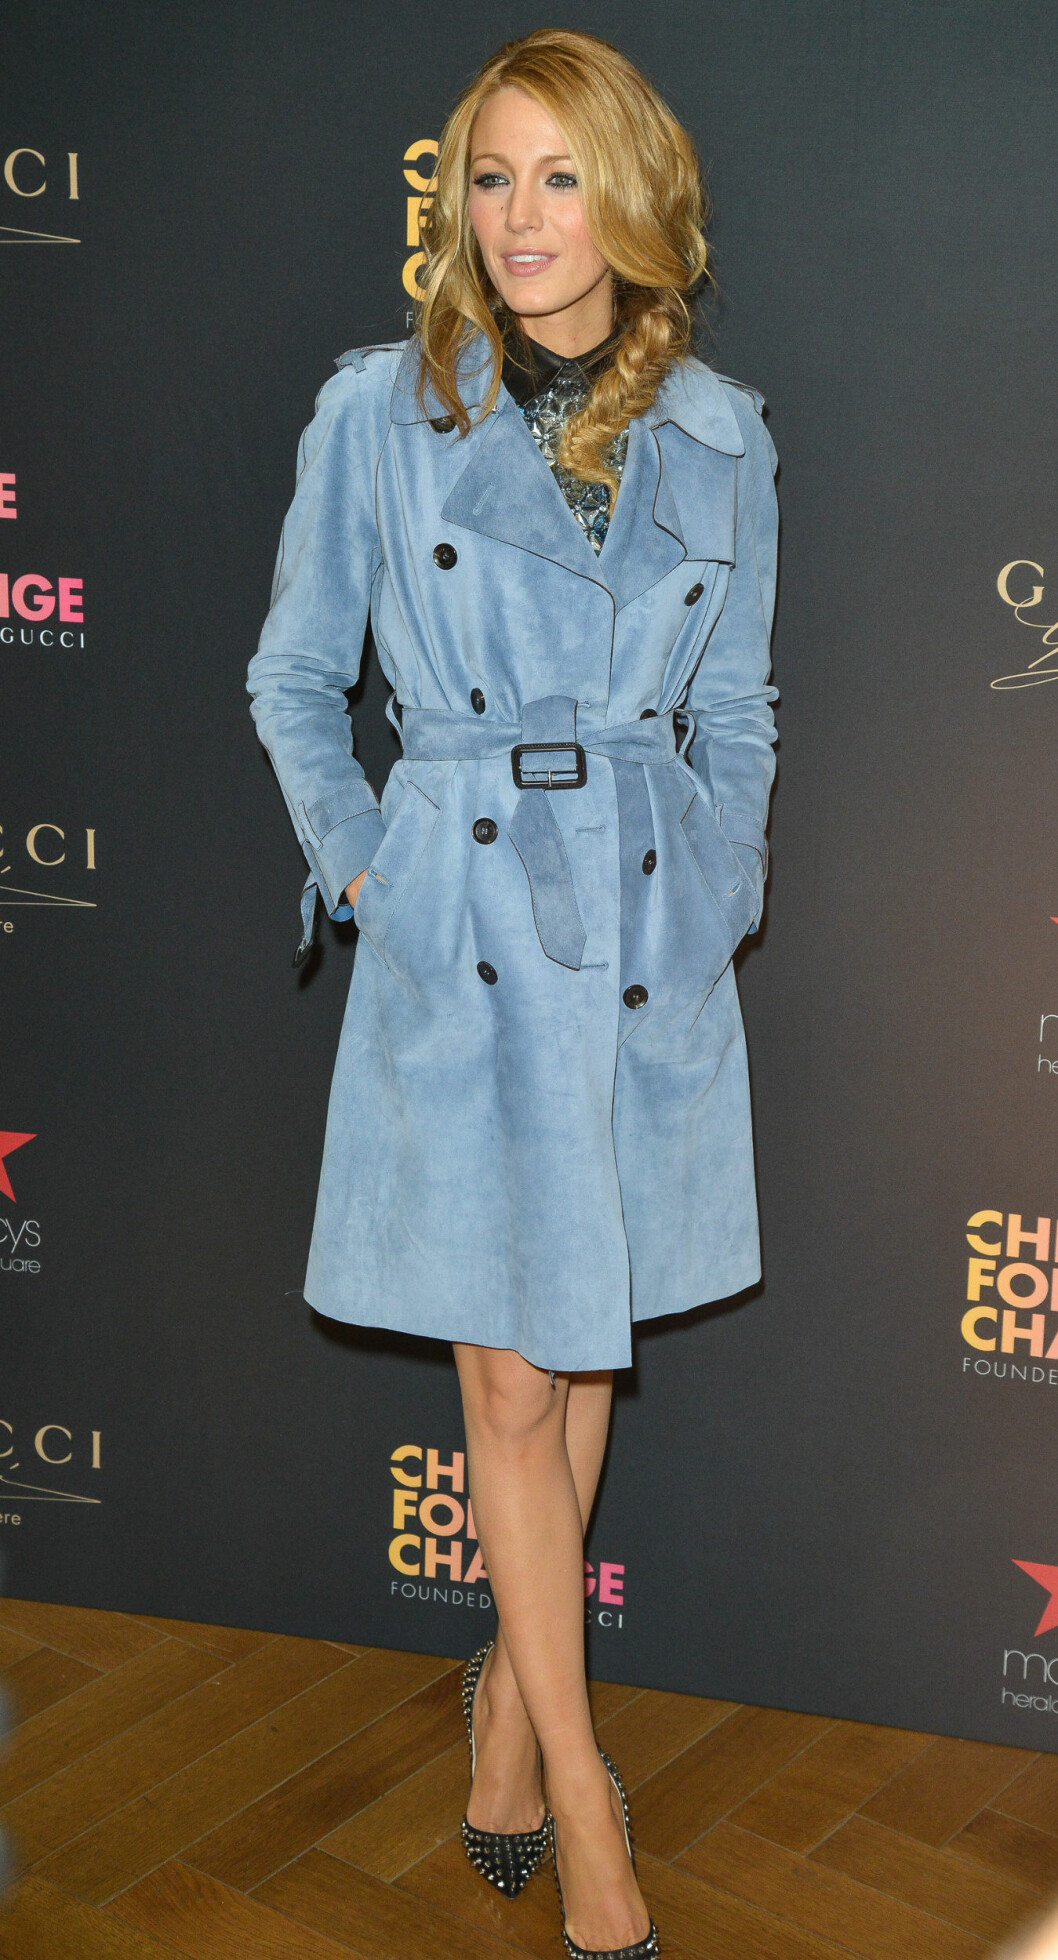 FEMININ: Blake Lively i en nydelig frakk fra Gucci. Foto: All Over Press